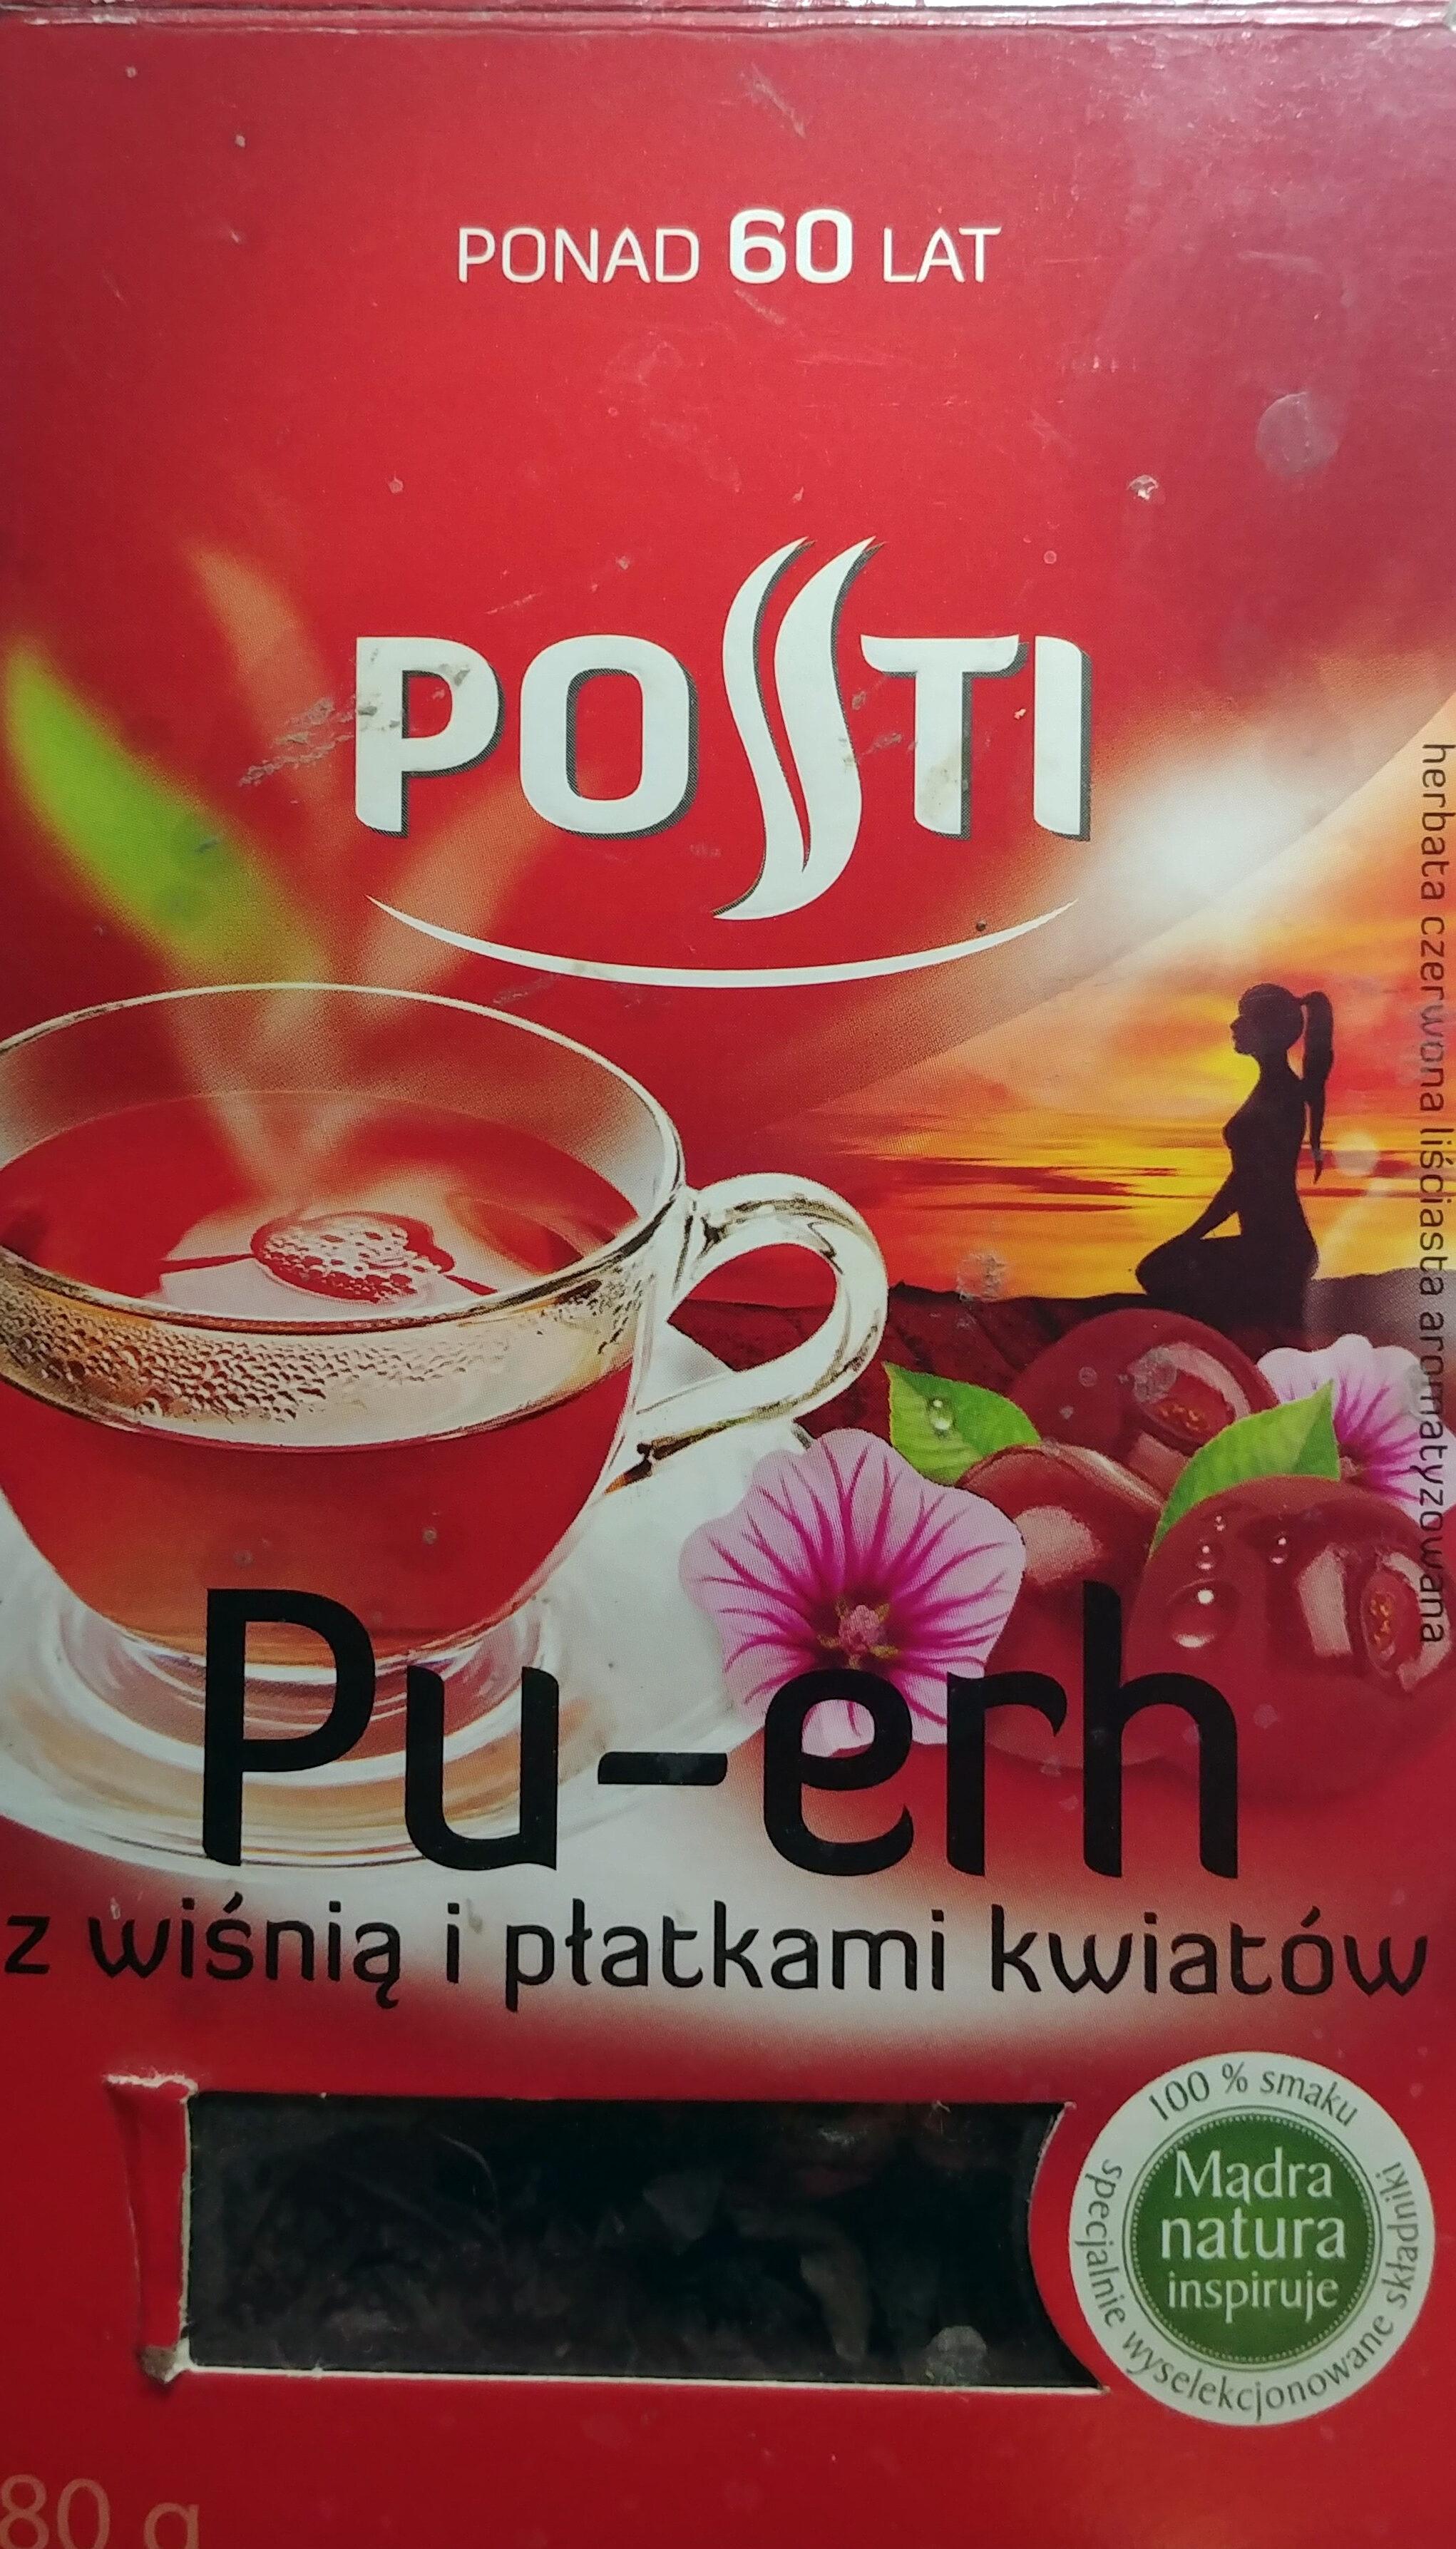 Pu-erh herbata czerwona liściasta z wiśnią i płatkami kwiatów - Produkt